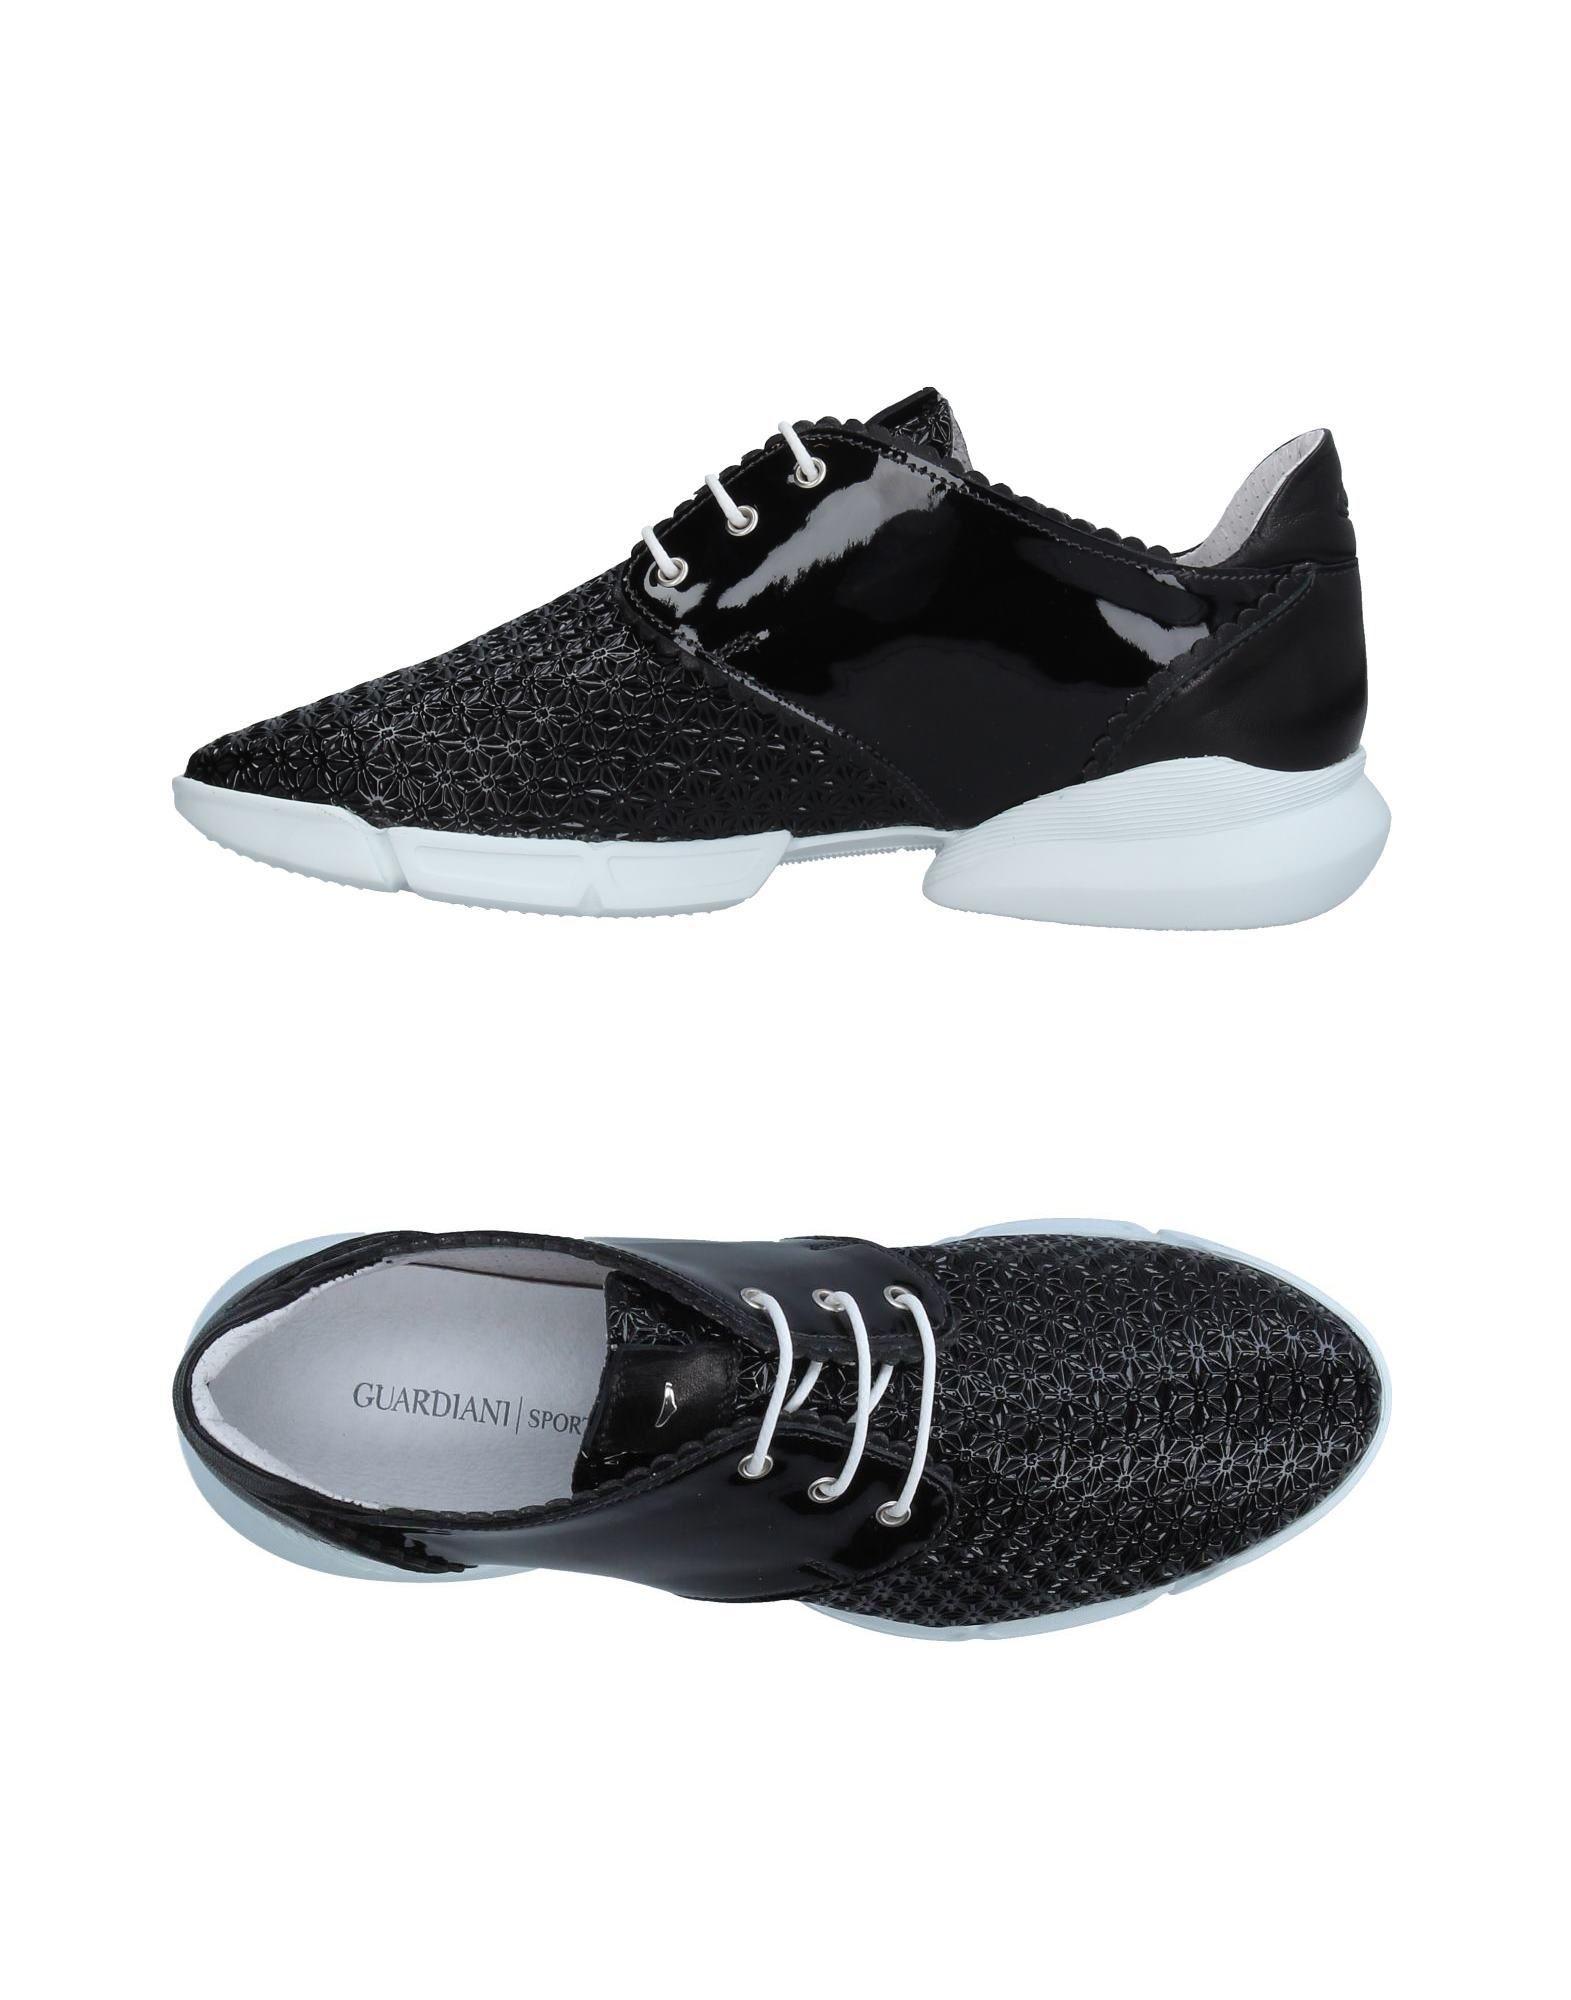 Baskets Alberto Guardiani Femme - Baskets Alberto Guardiani Blanc Les chaussures les plus populaires pour les hommes et les femmes